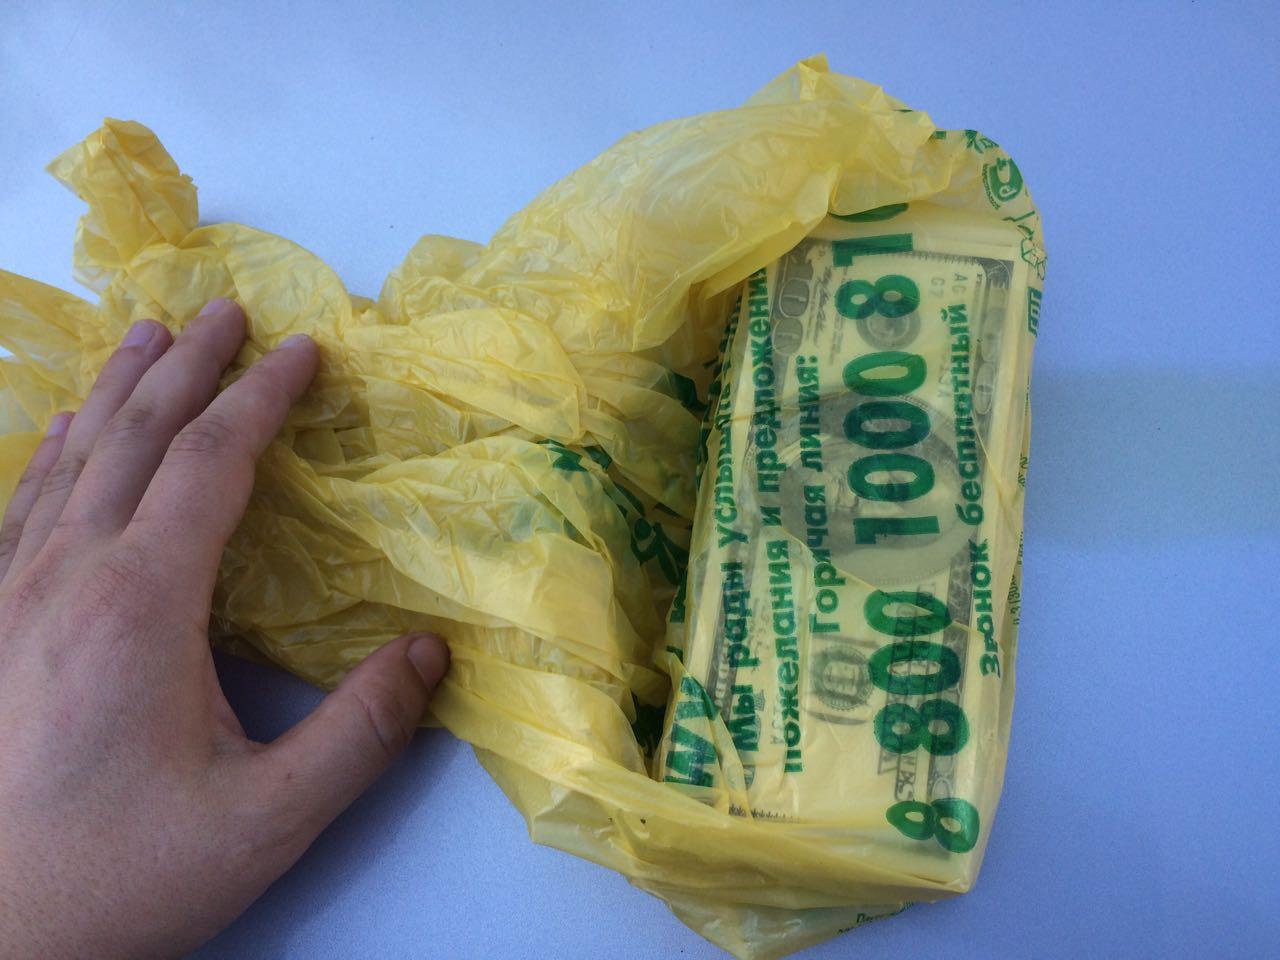 Житель Казахстана пытался реализовать вАлтайском крае марихуану на $20 тыс.